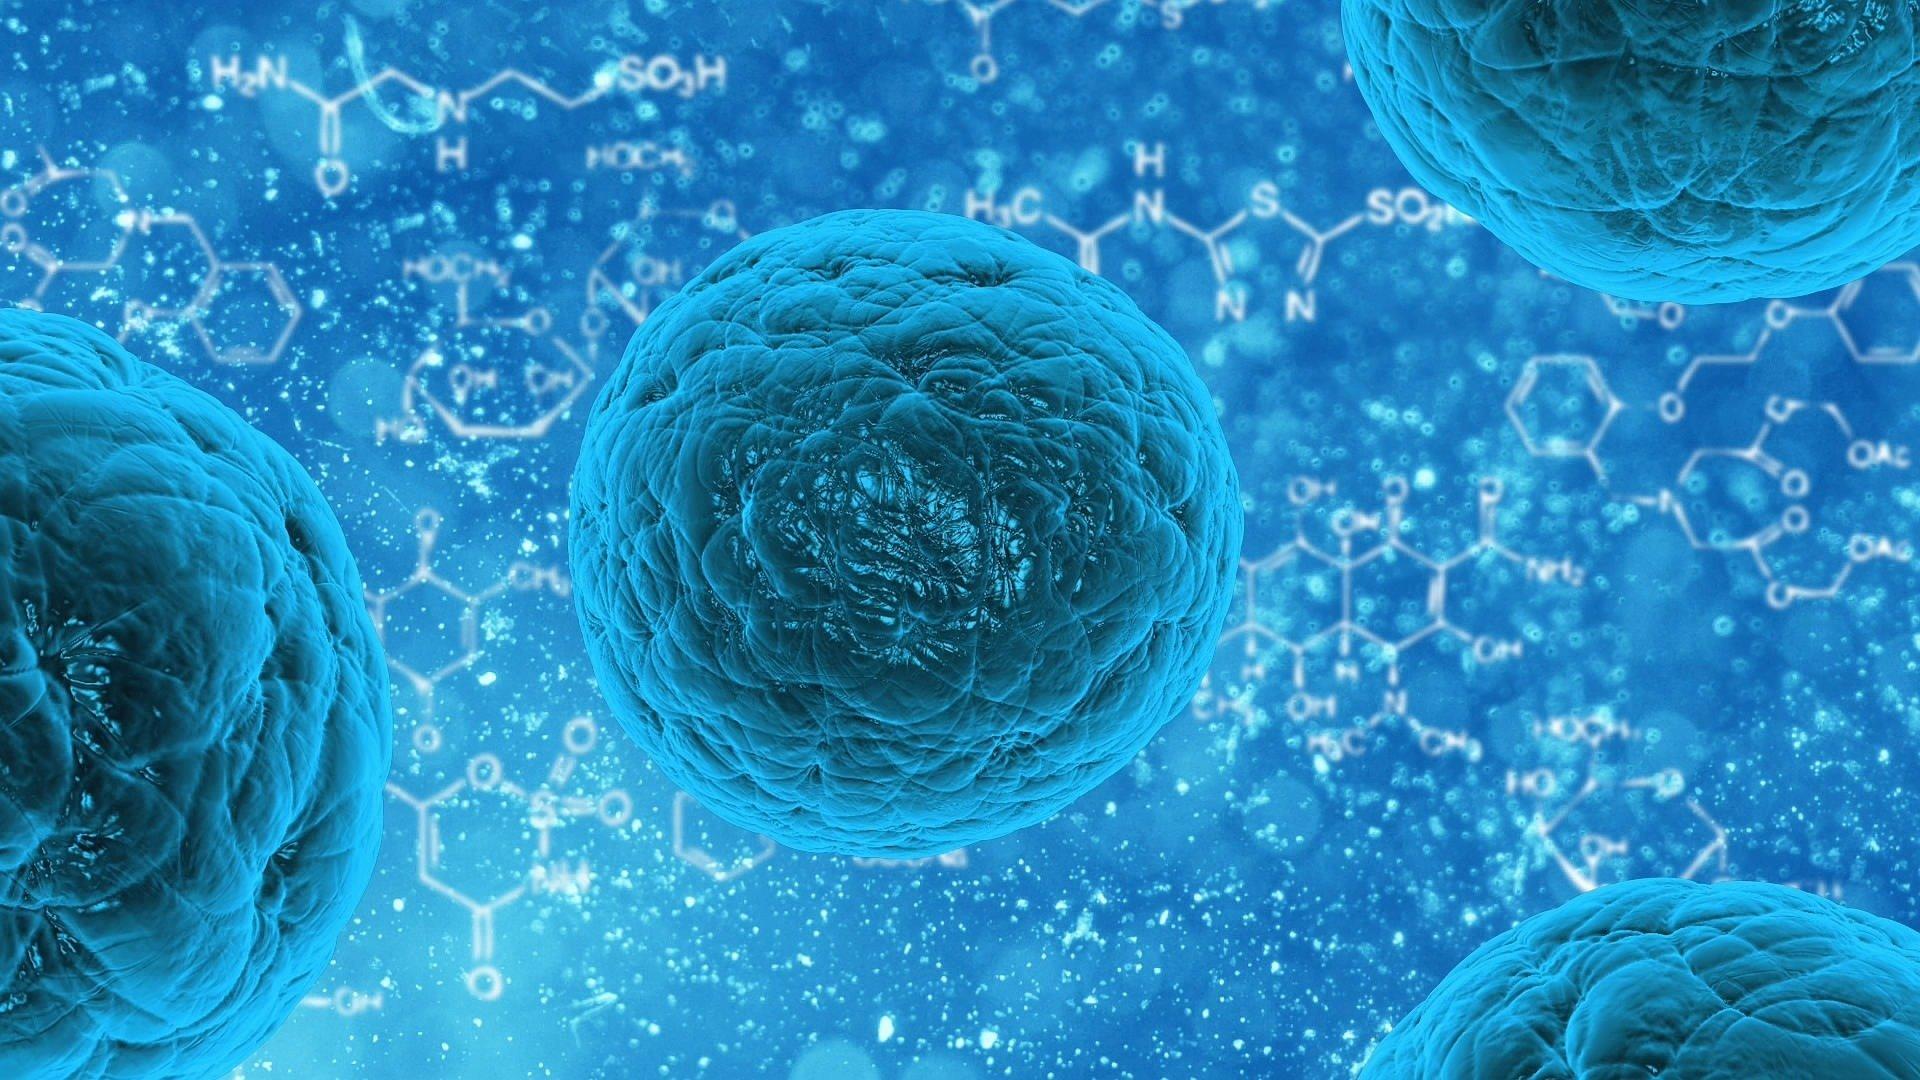 У клеток обнаружили сверхэластичные свойства